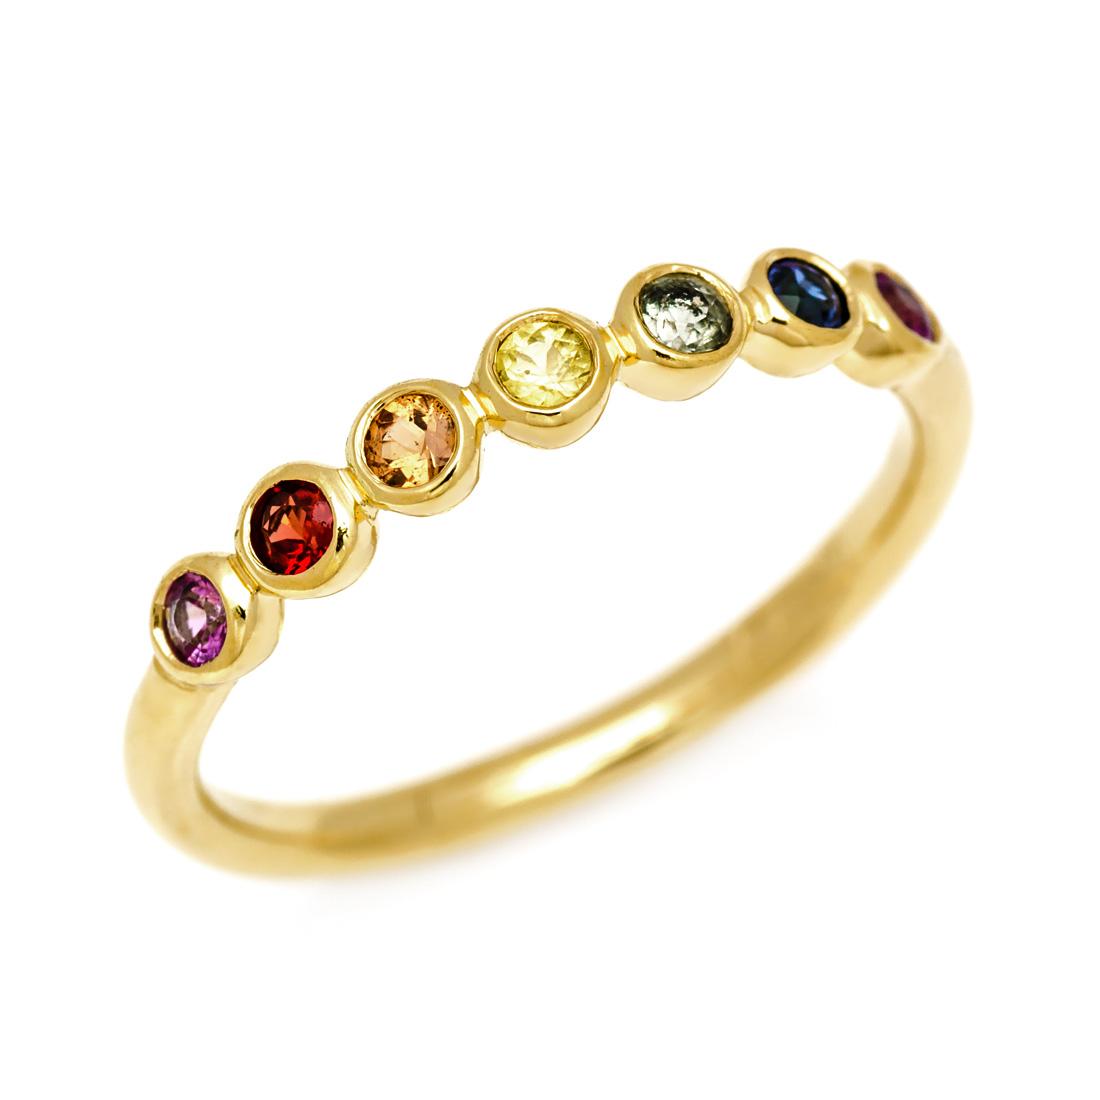 【GWクーポン配布中】K18 マルチカラーサファイア リング 「ponte」送料無料 指輪 サファイヤ ゴールド 18K 18金 誕生日 9月誕生石 刻印 文字入れ メッセージ ギフト 贈り物 ピンキーリング対応可能